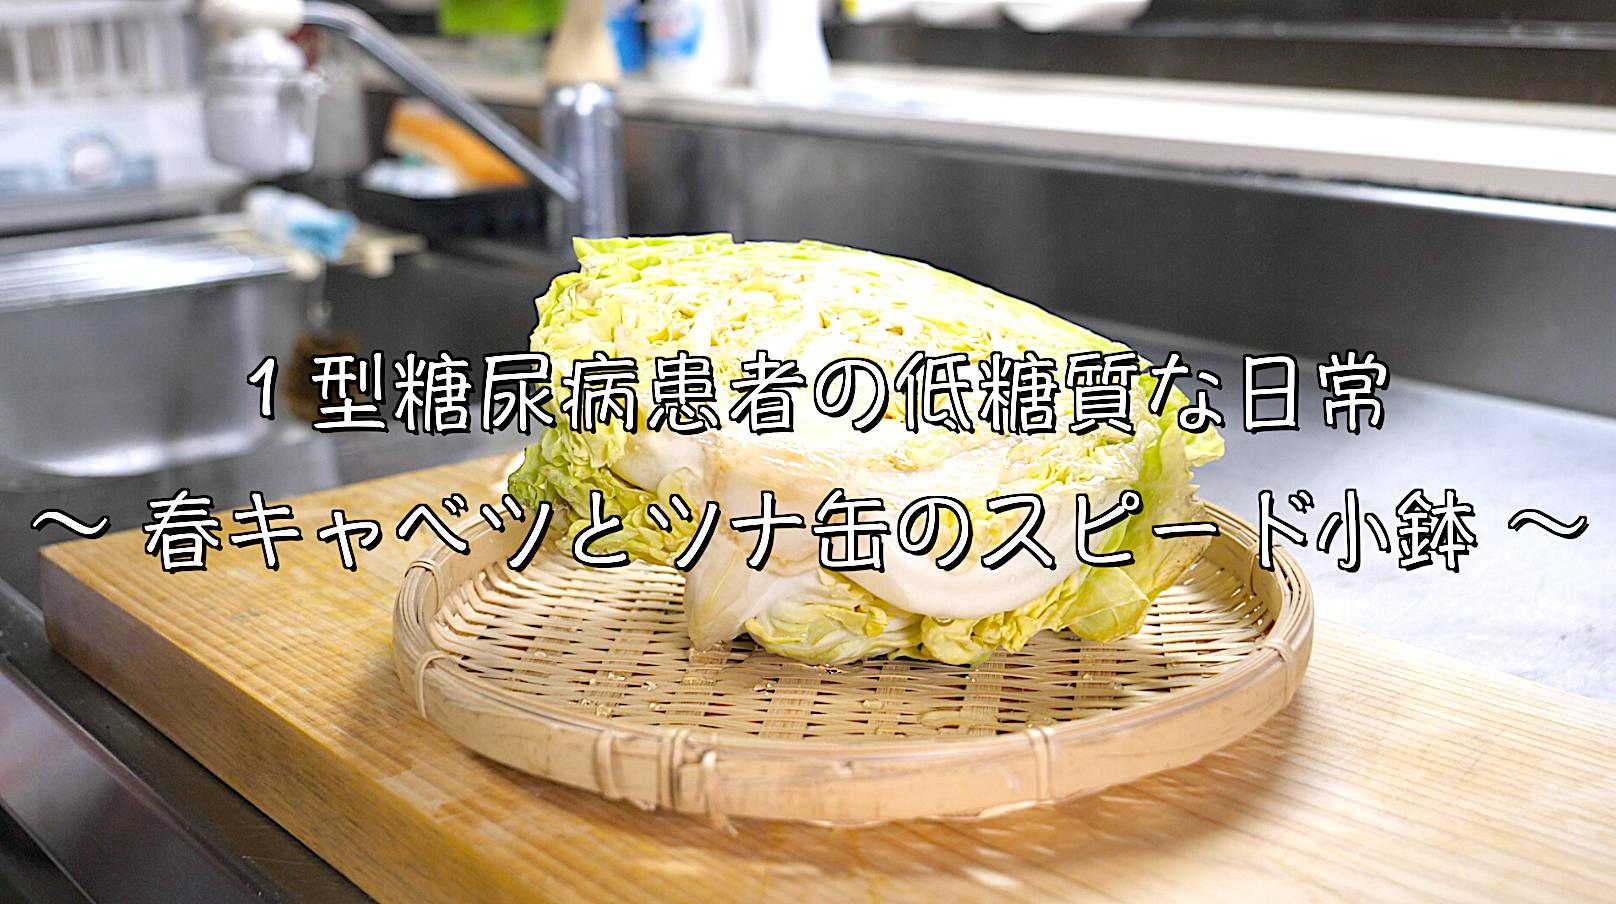 春キャベツ ツナ缶 レシピ 低糖質